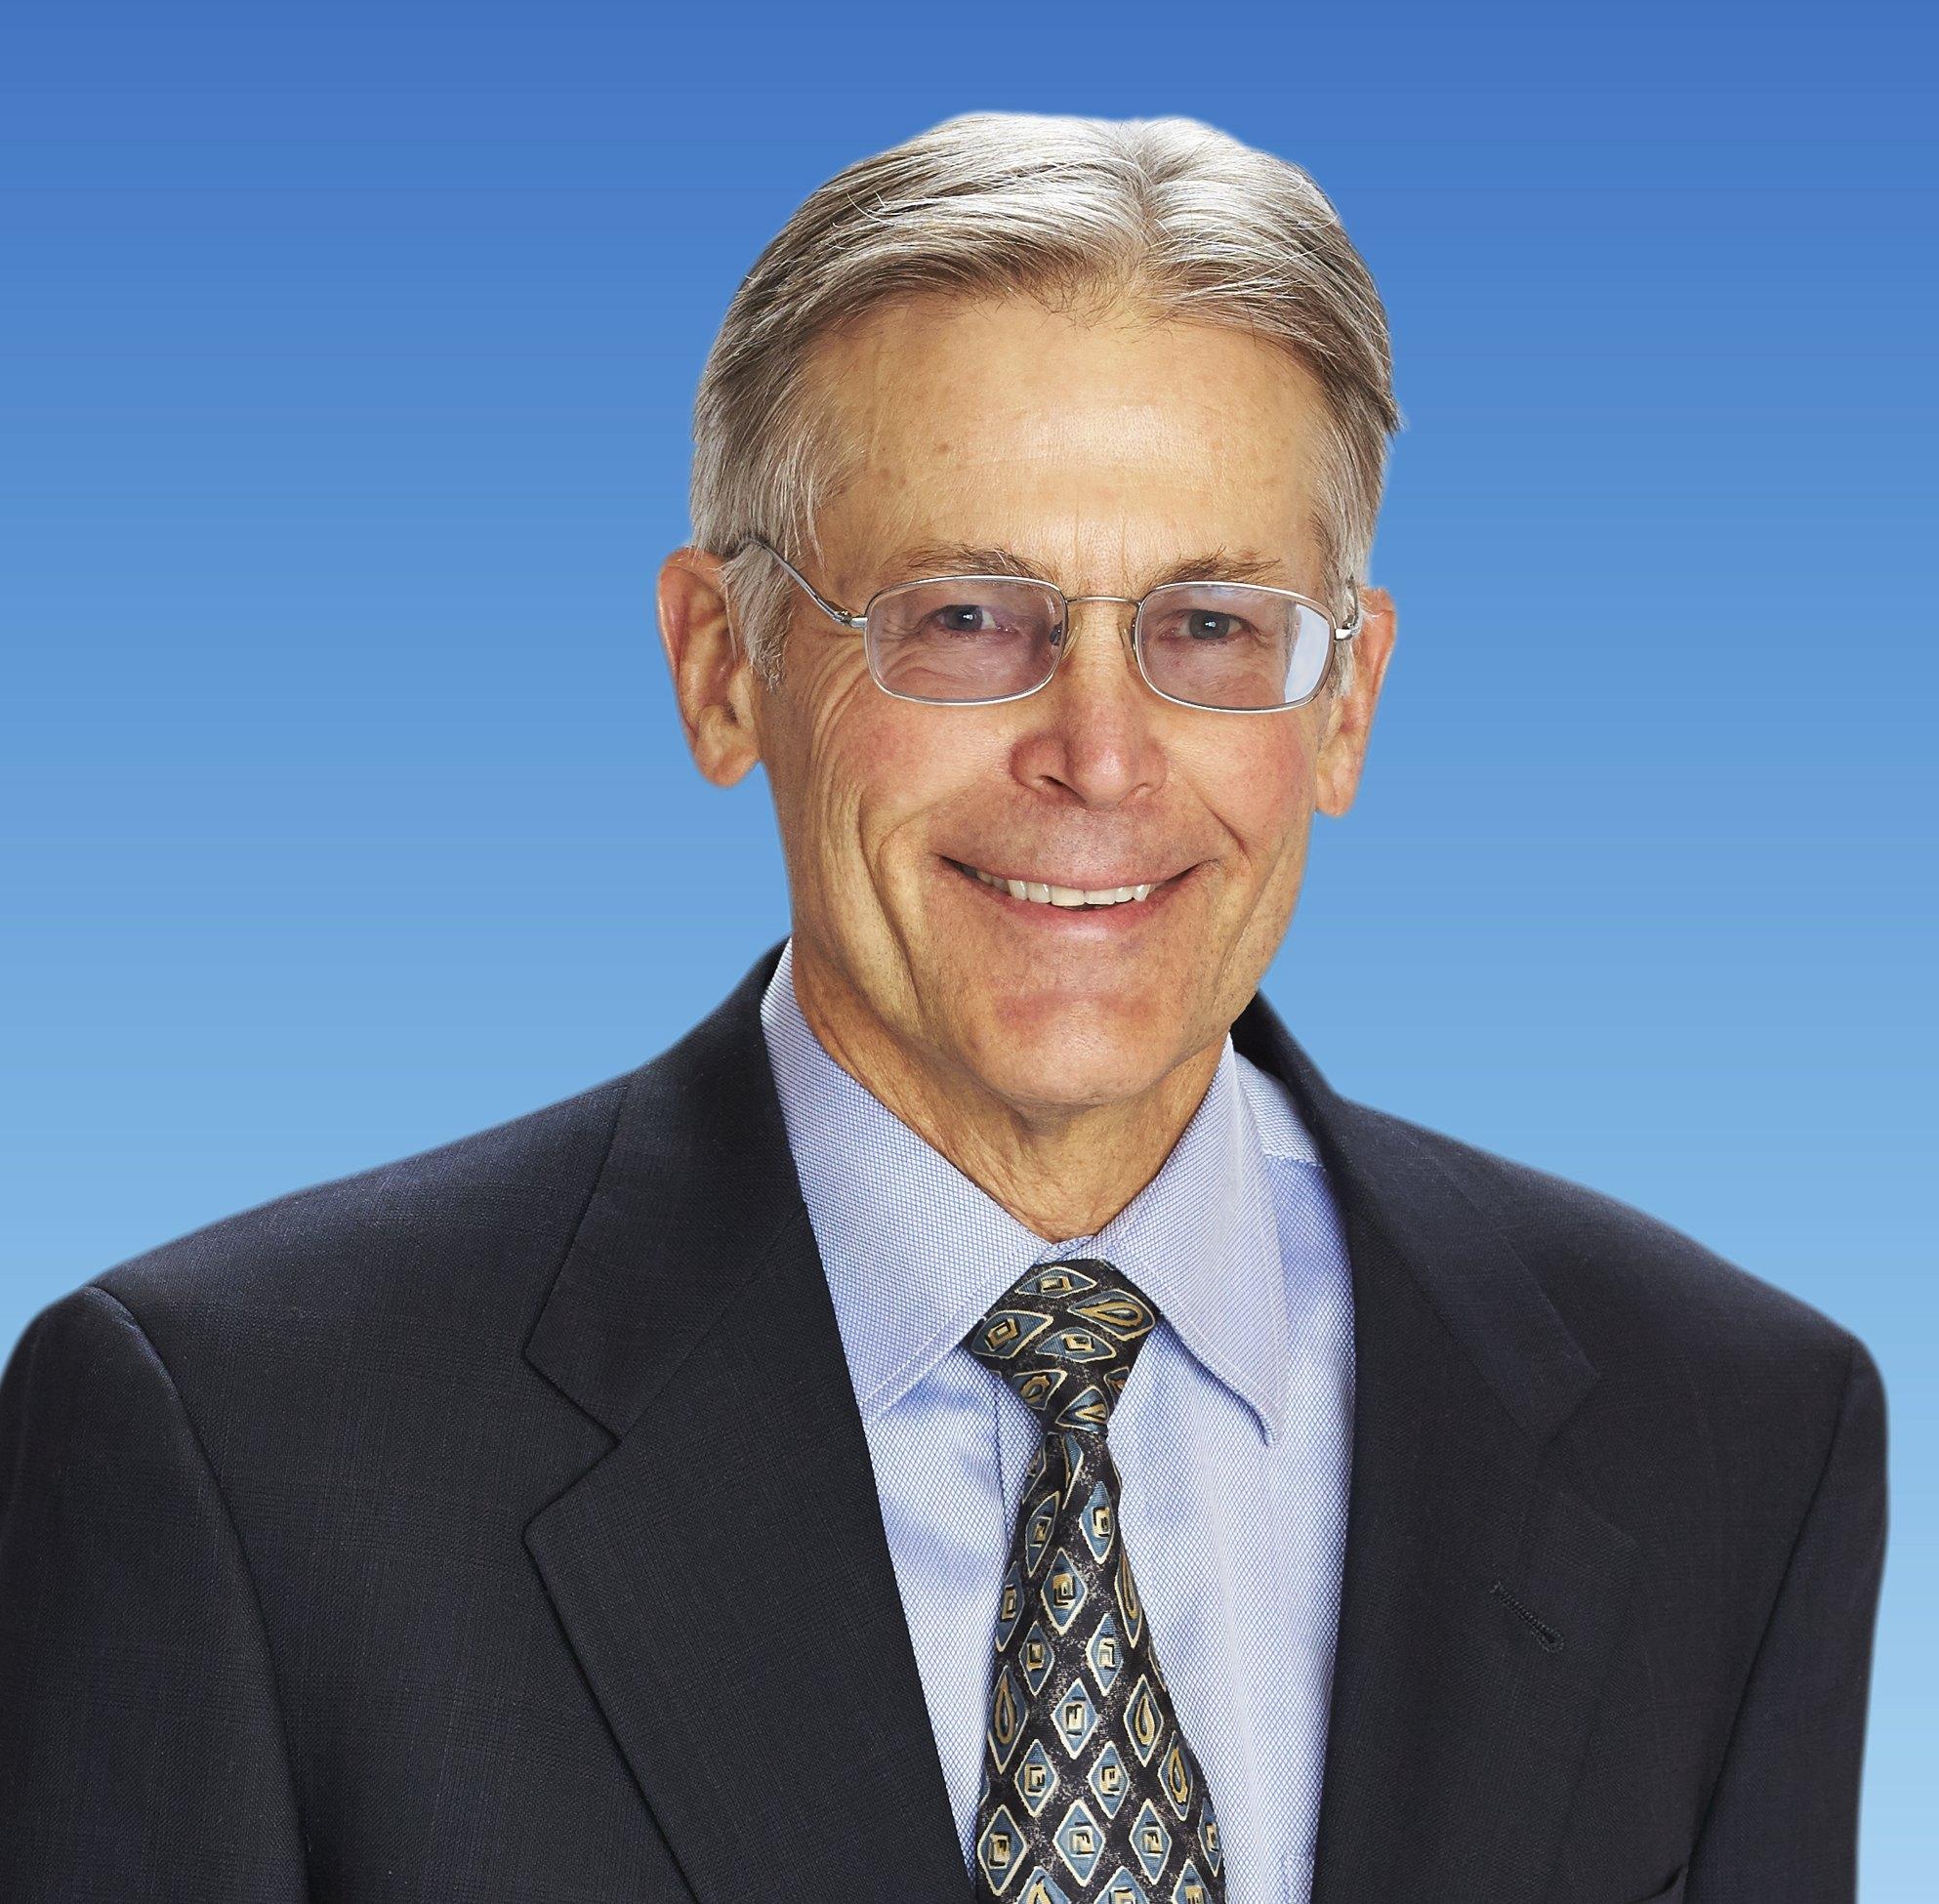 Jim C. Walton